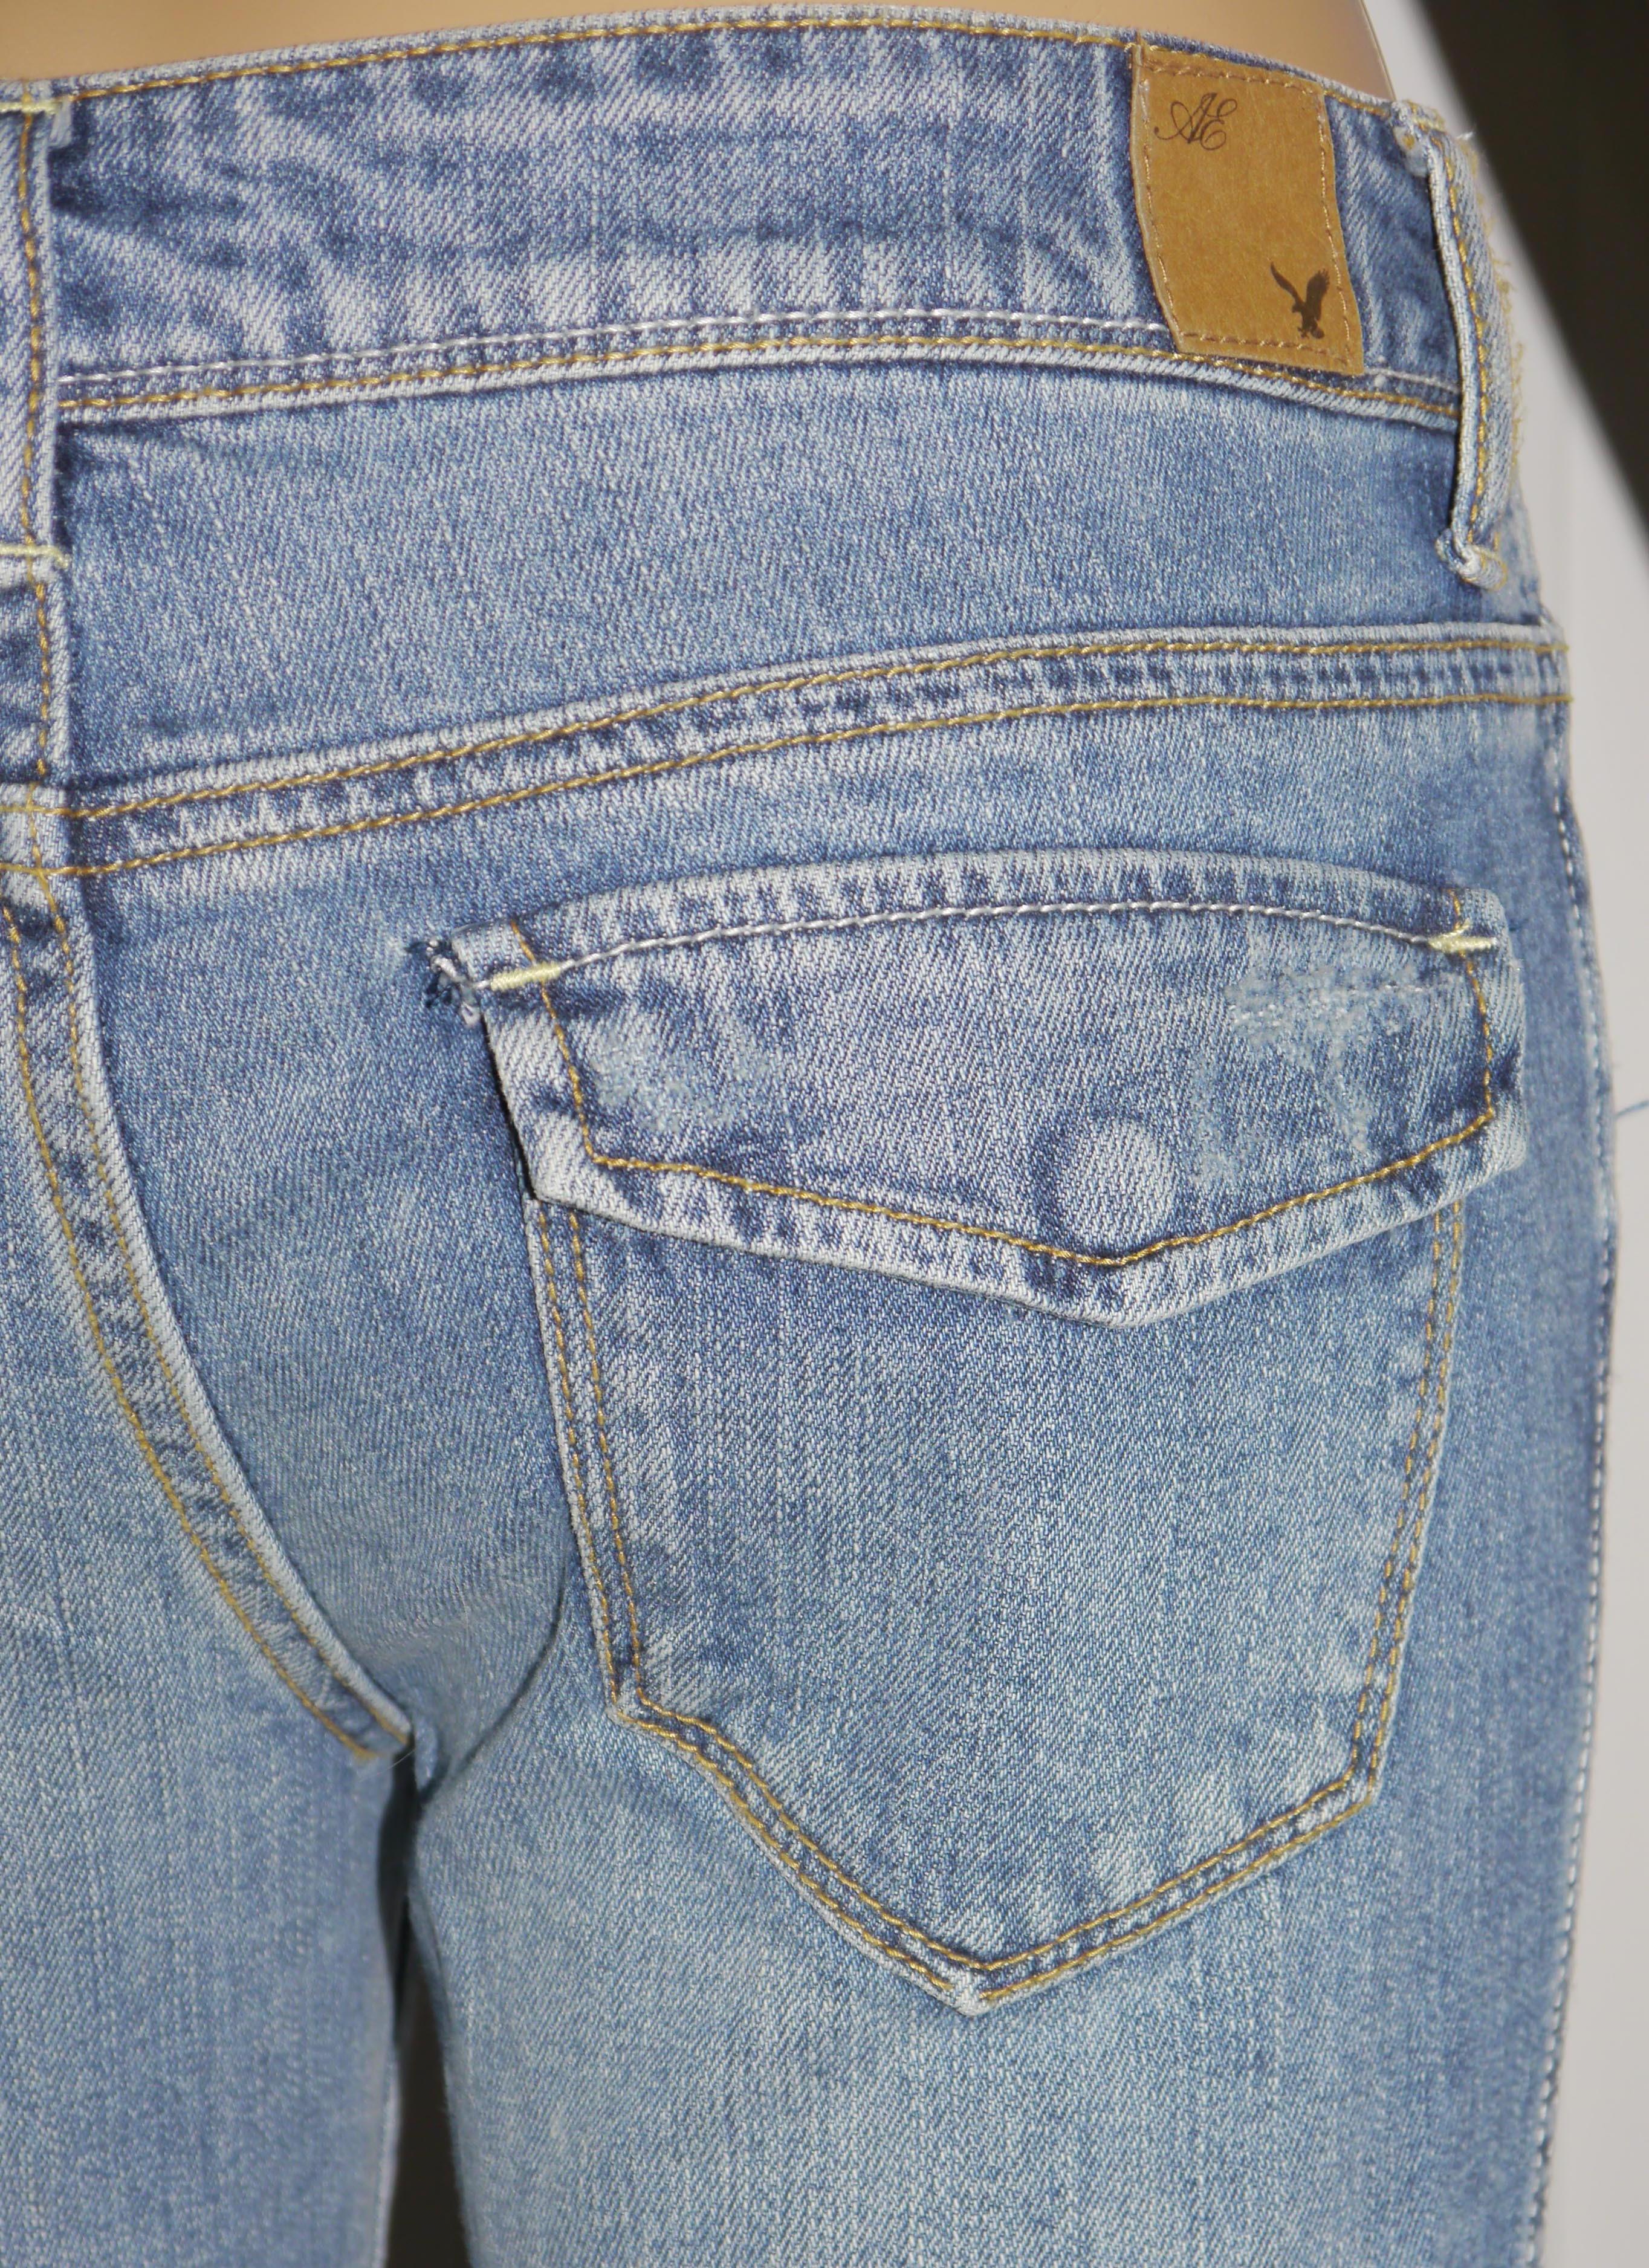 right rear pocket